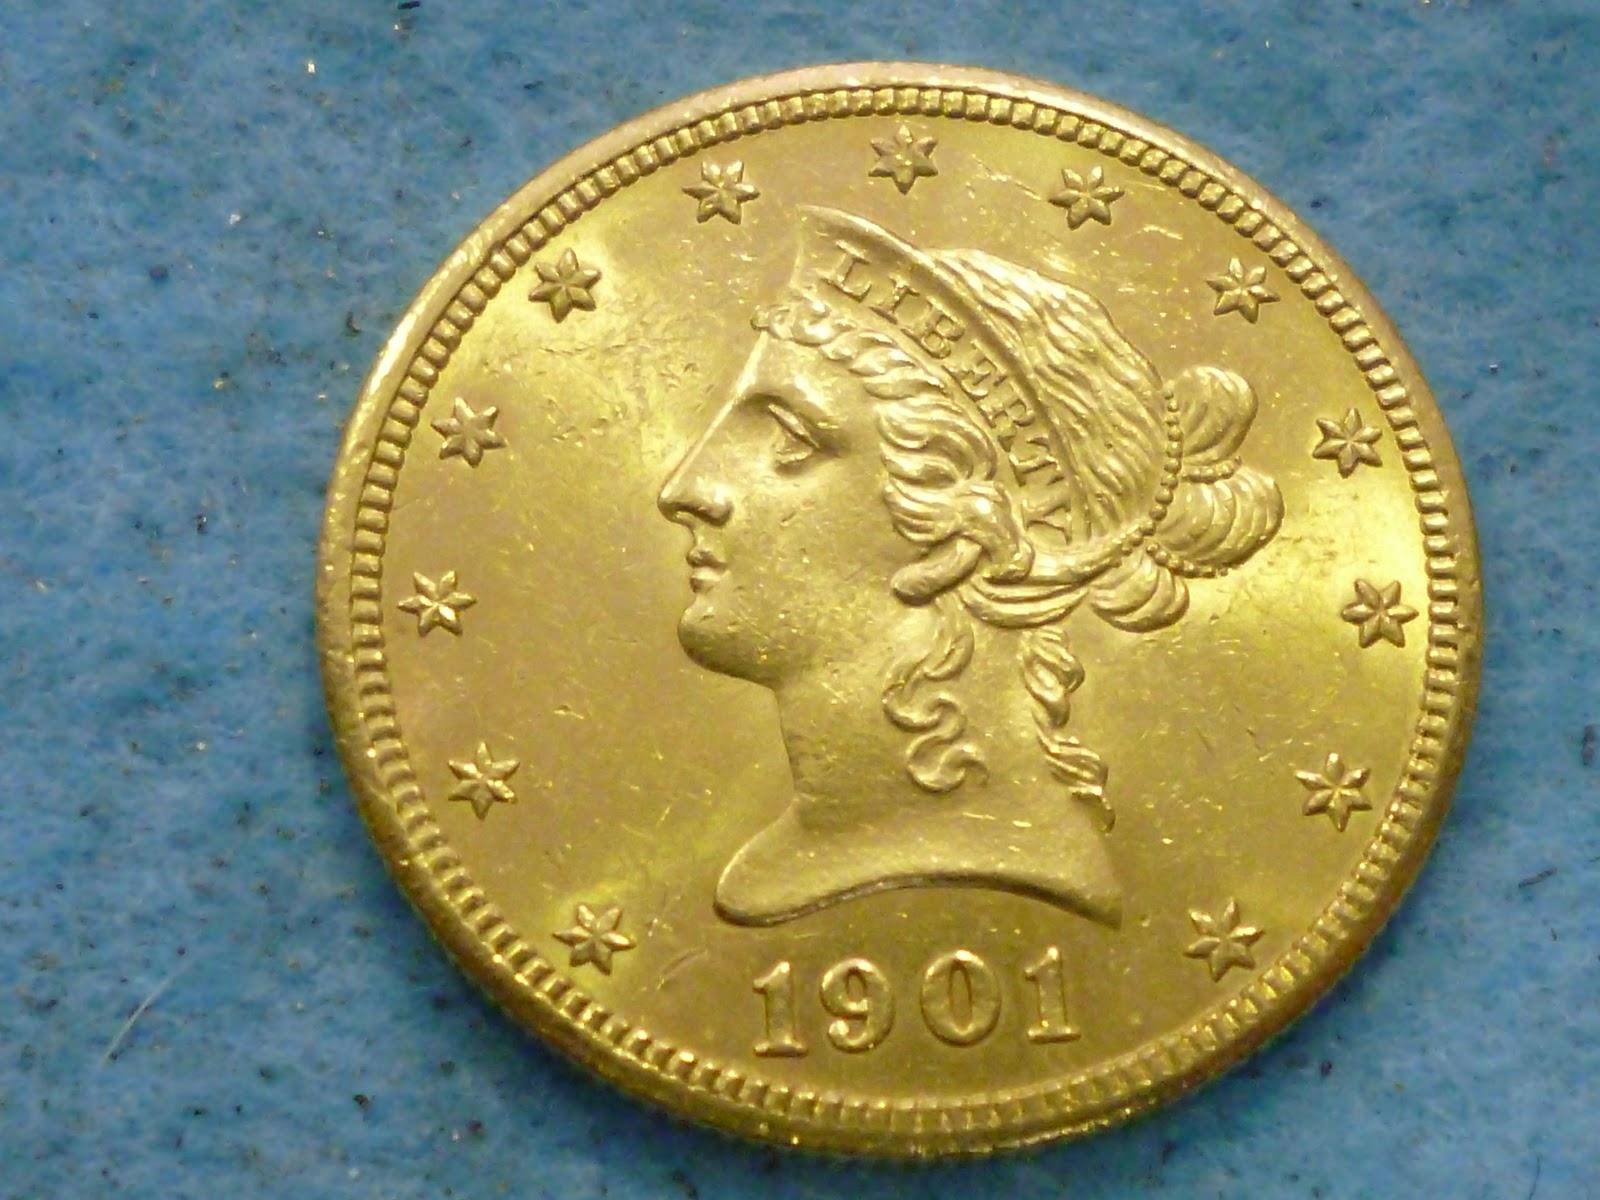 Estados Unidos Mexicanos Coin